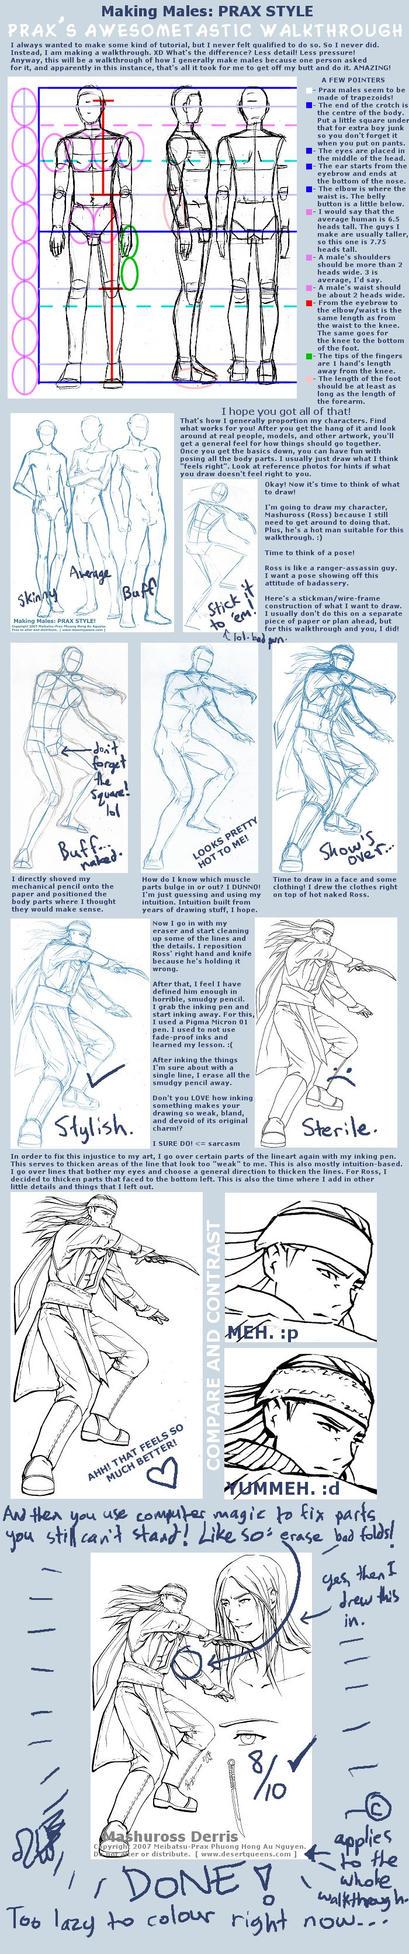 Making Males... Walkthrough by Meibatsu